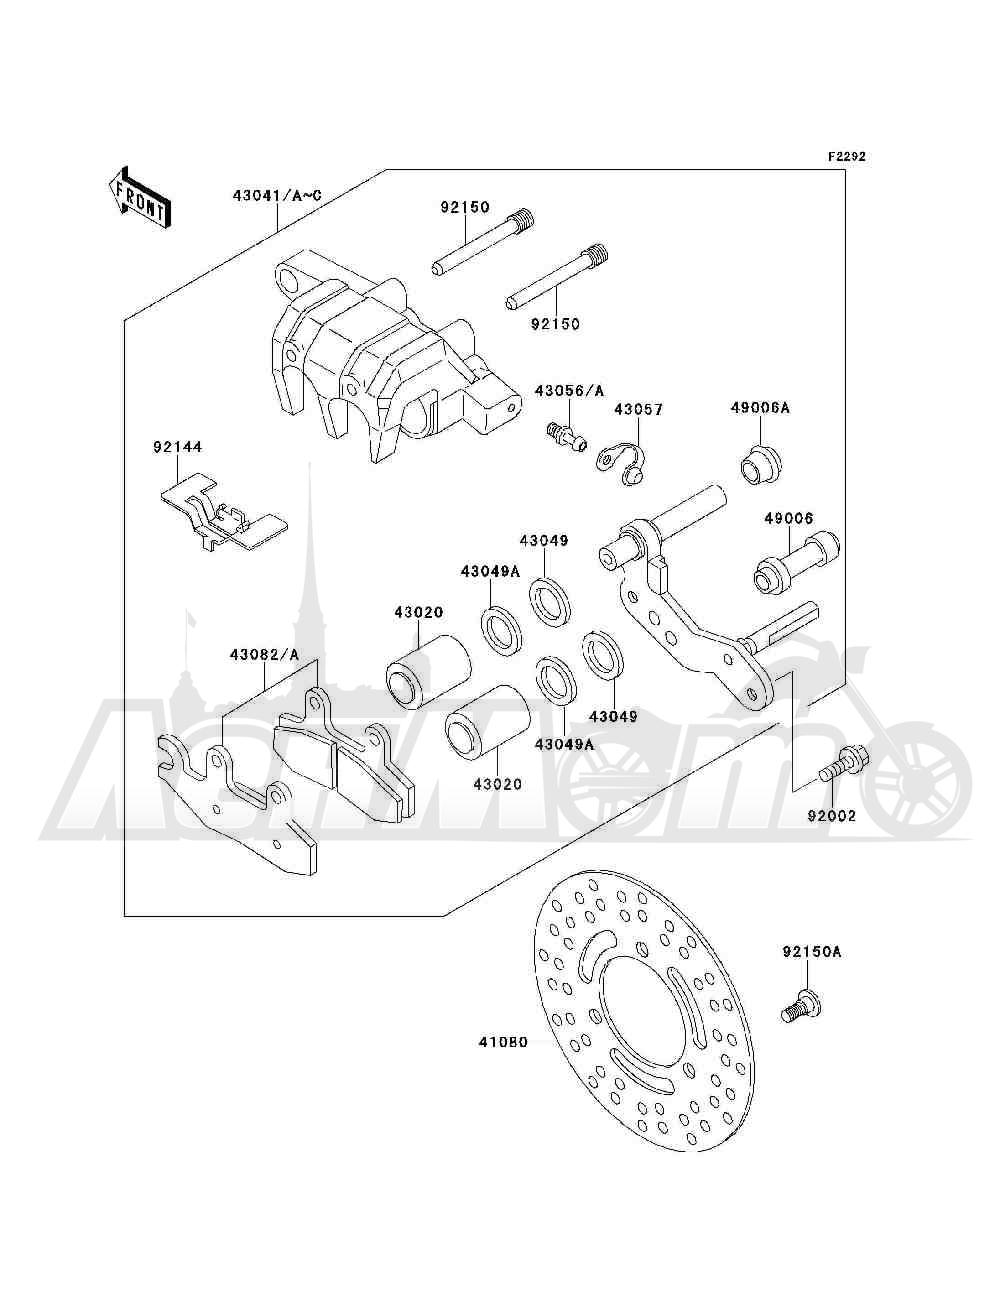 Запчасти для Квадроцикла Kawasaki 1994 BAYOU 300 4X4 (KLF300-C6) Раздел: FRONT BRAKE | передний тормоз